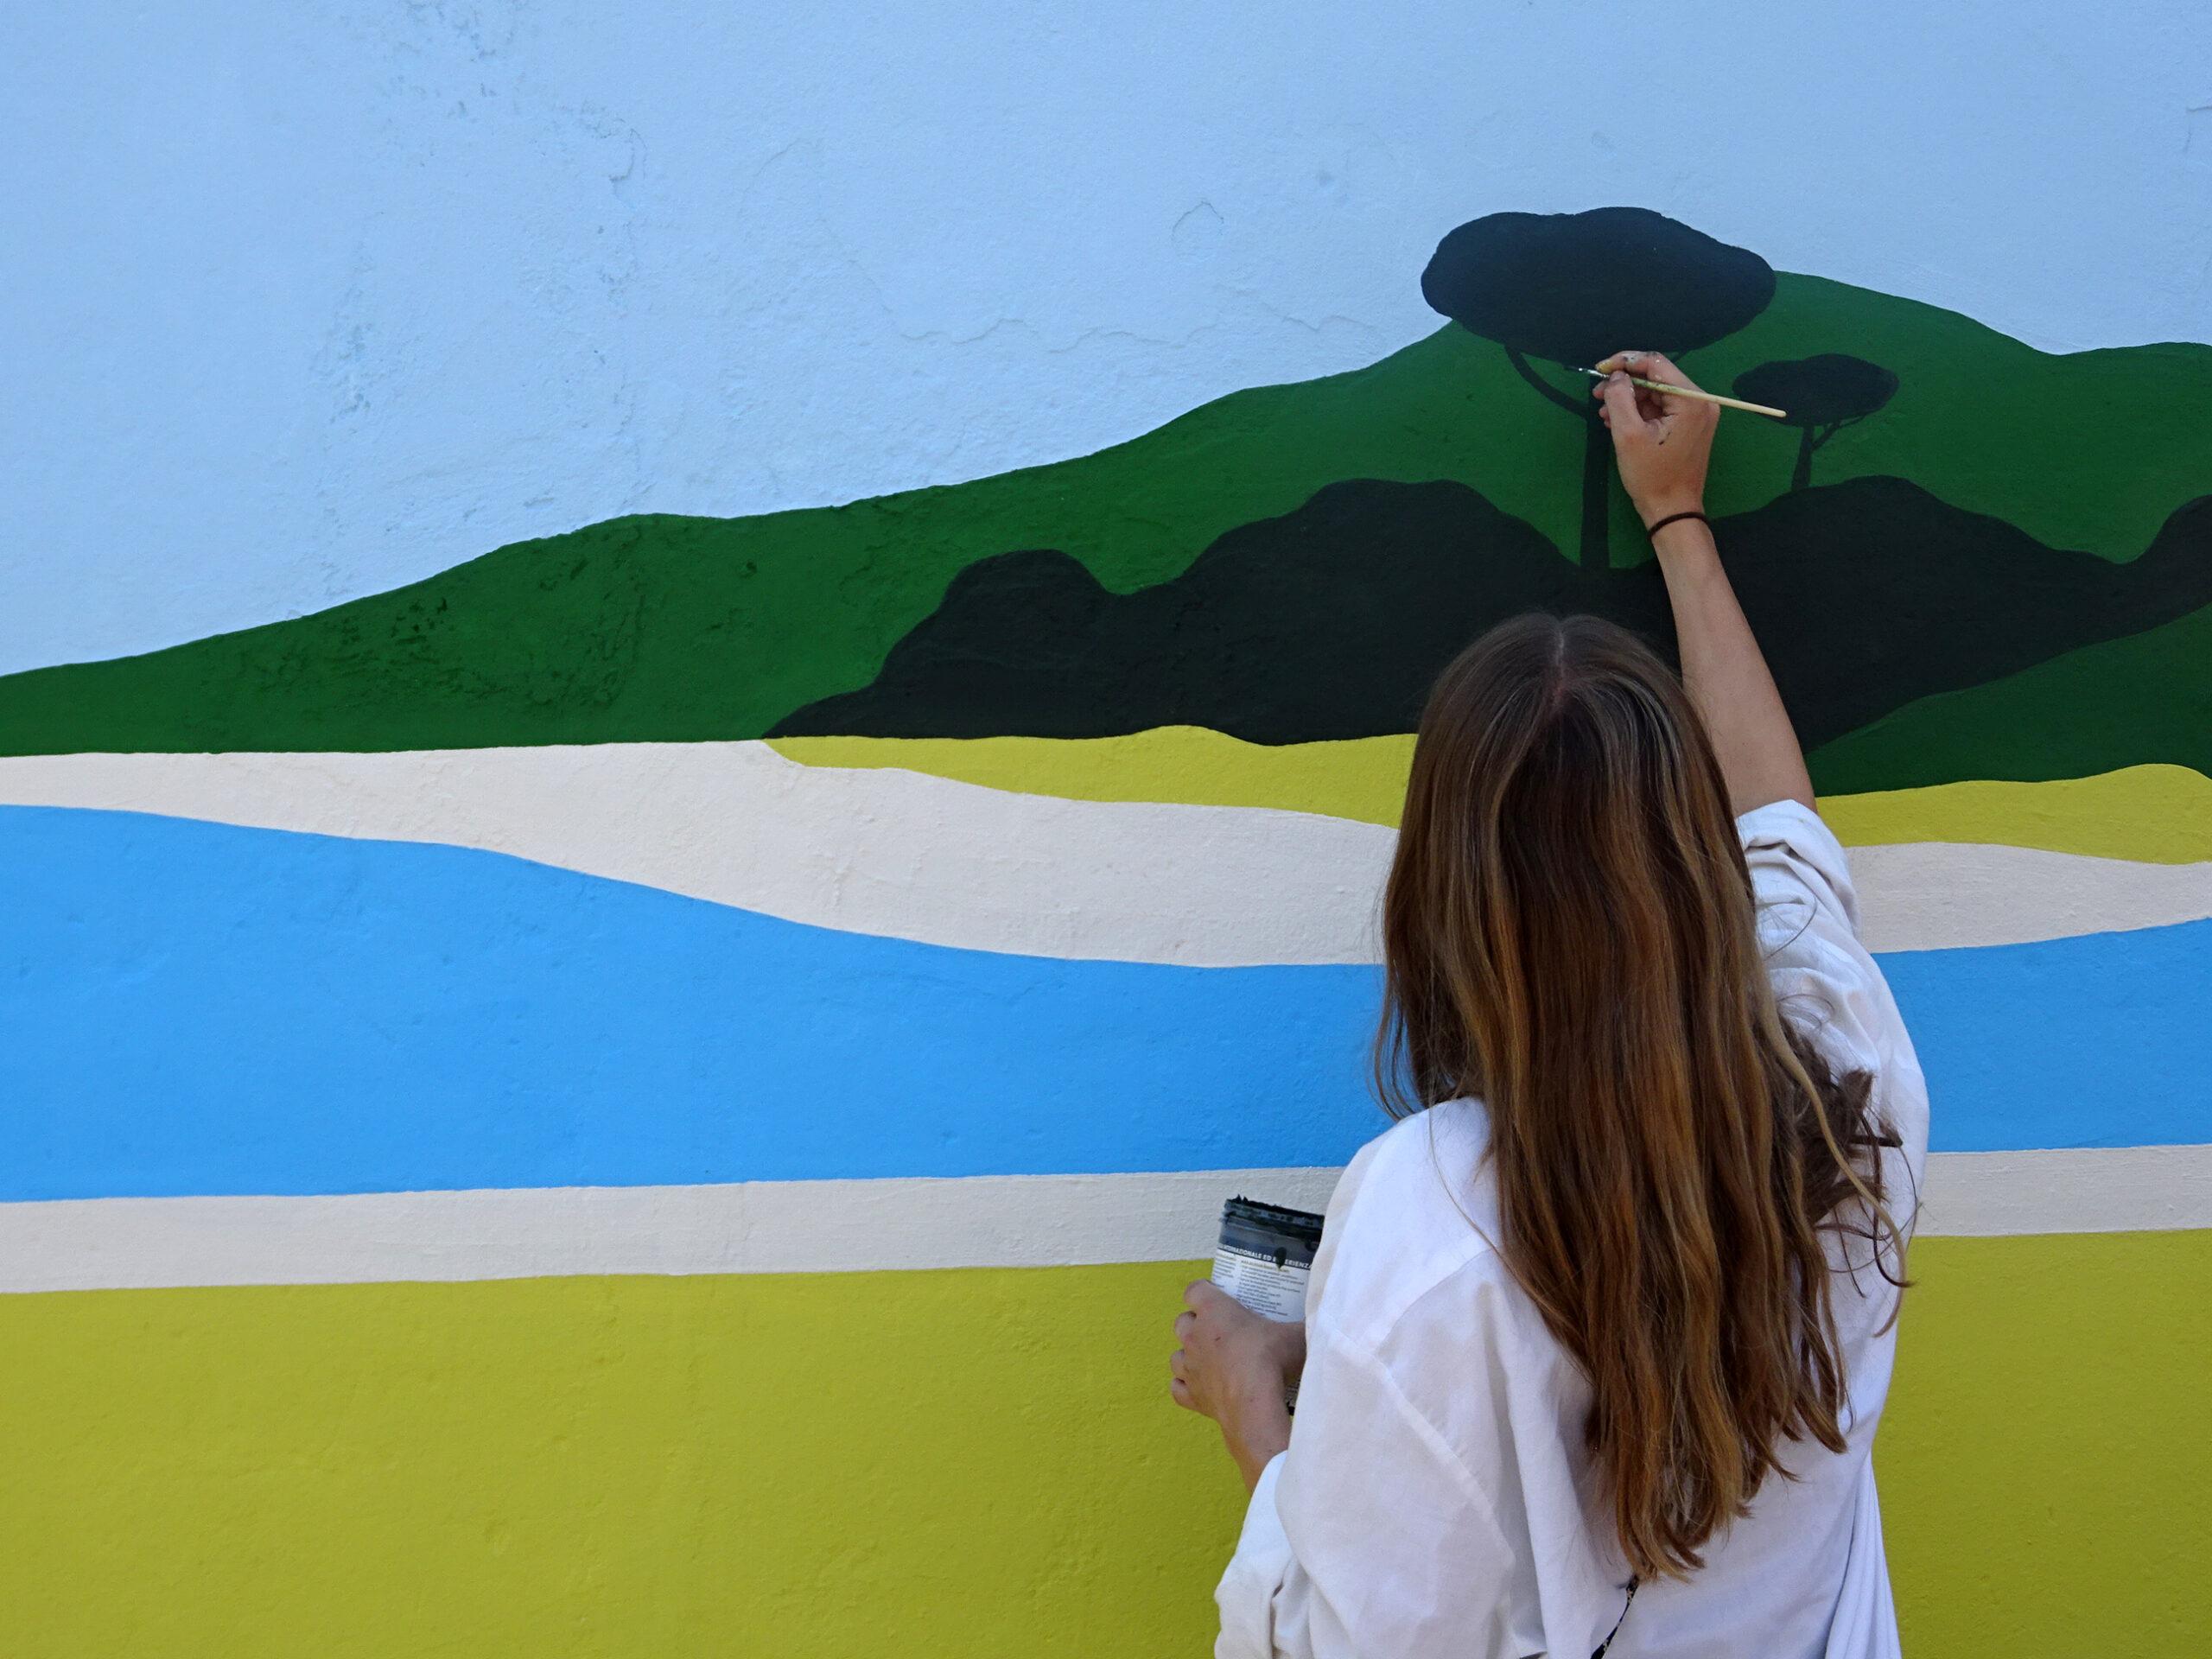 Immergersi in un mondo onirico. I murales di Maaike Canne colorano il Molise